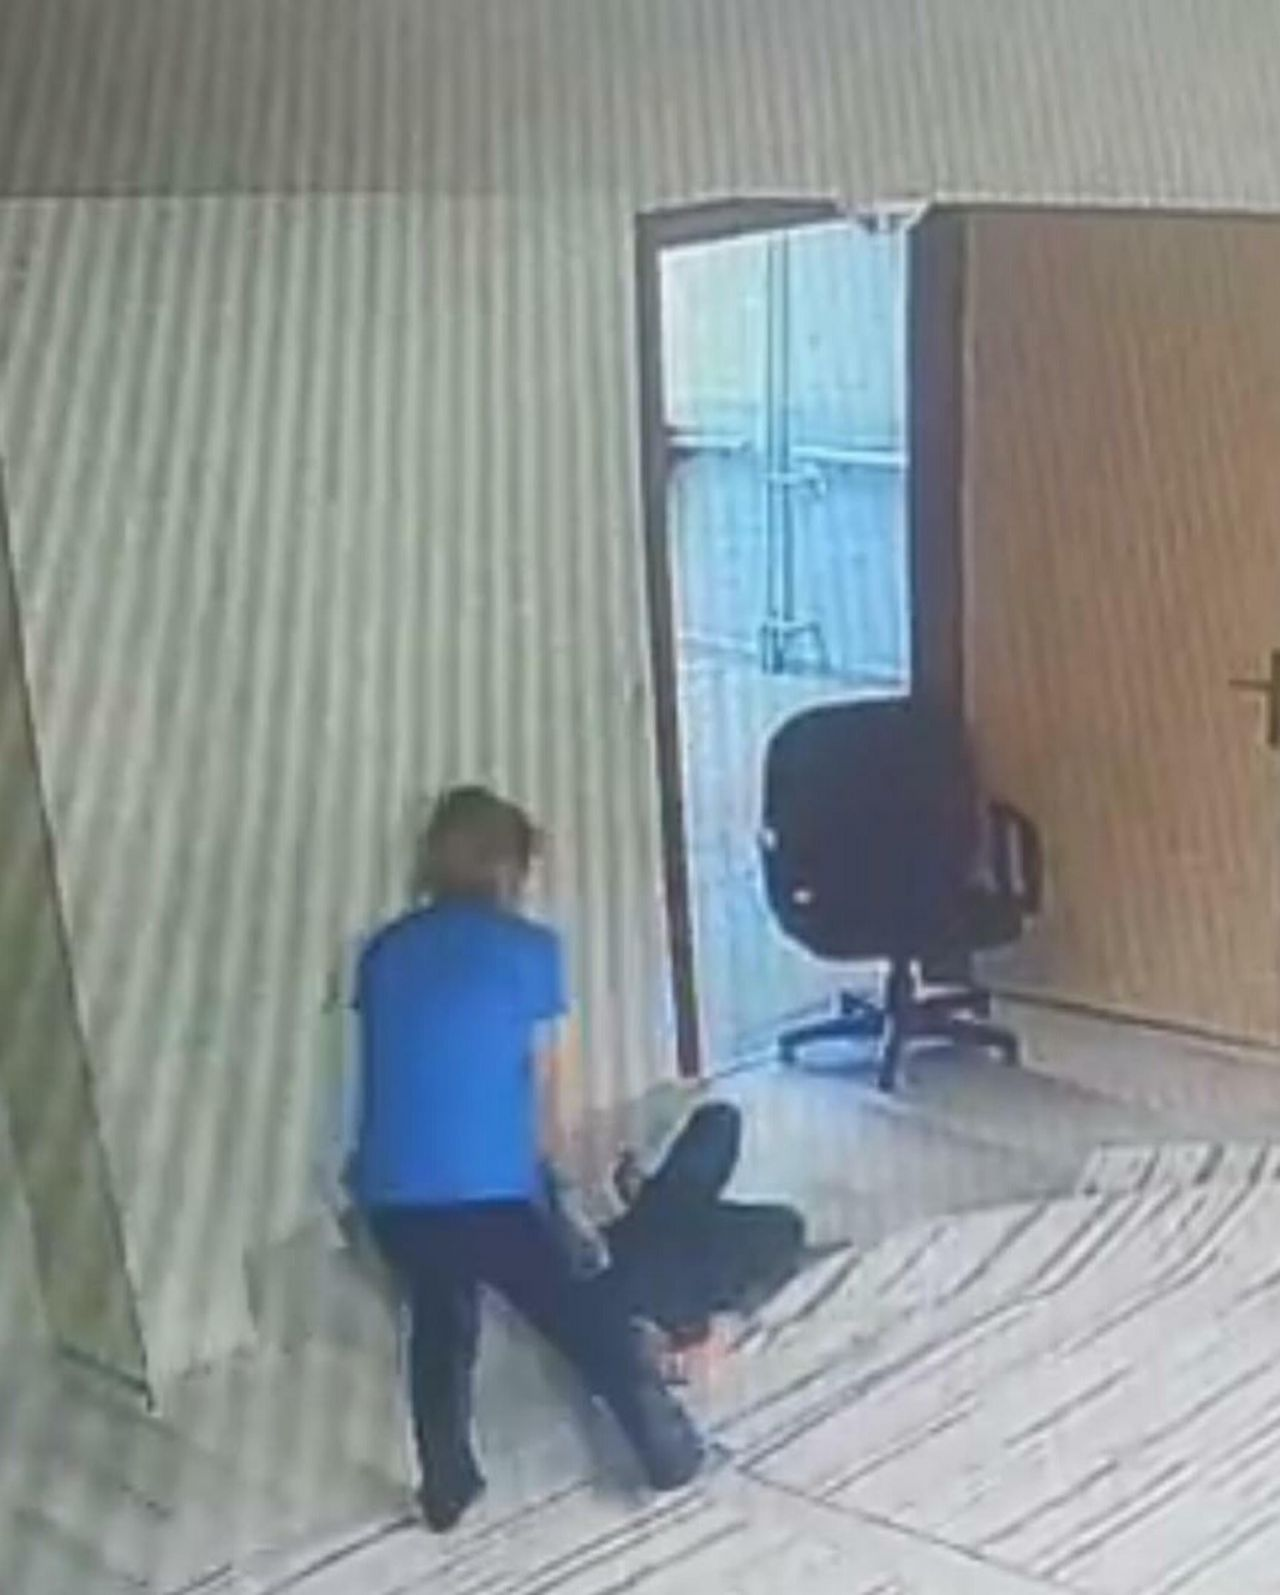 12 yaşındaki engelli öğrencinin yüzüne ayağıyla vurdu, kollarından tutup yüzüne bastırdı! Tutuklanan Aslı Gümüş'ün görüntüsü ortaya çıktı, darp iddiasını yalanladı - Sayfa:3